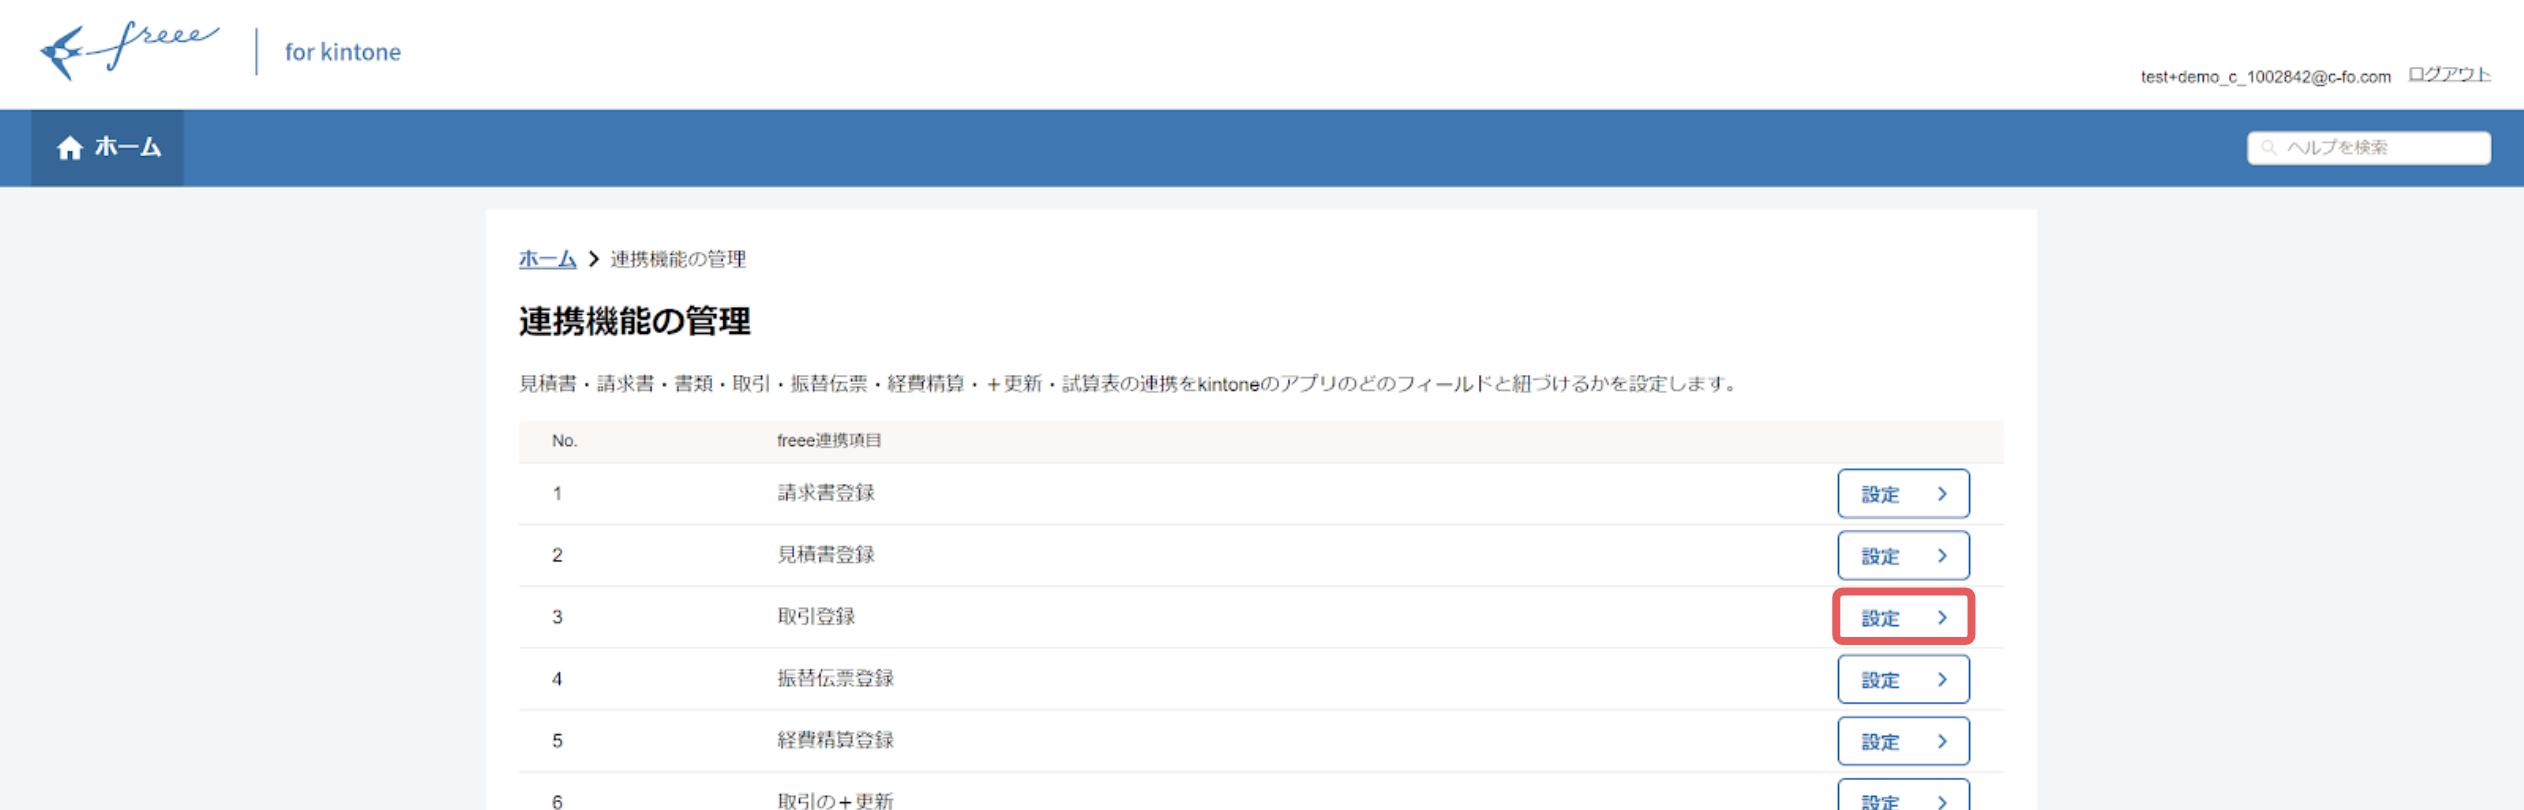 Screen_Shot_2020-07-10_at_14.22.53.png